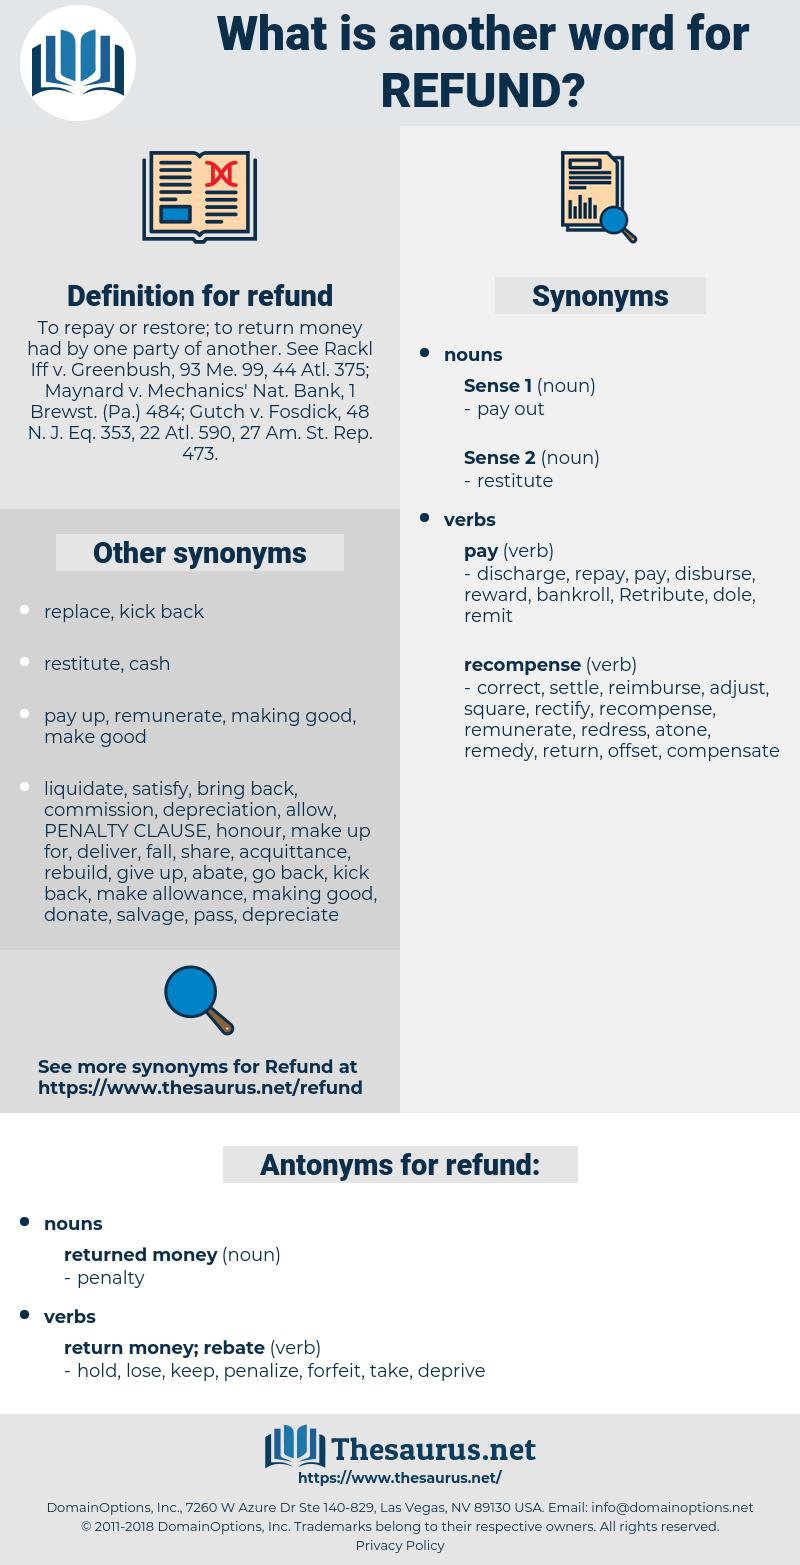 refund, synonym refund, another word for refund, words like refund, thesaurus refund